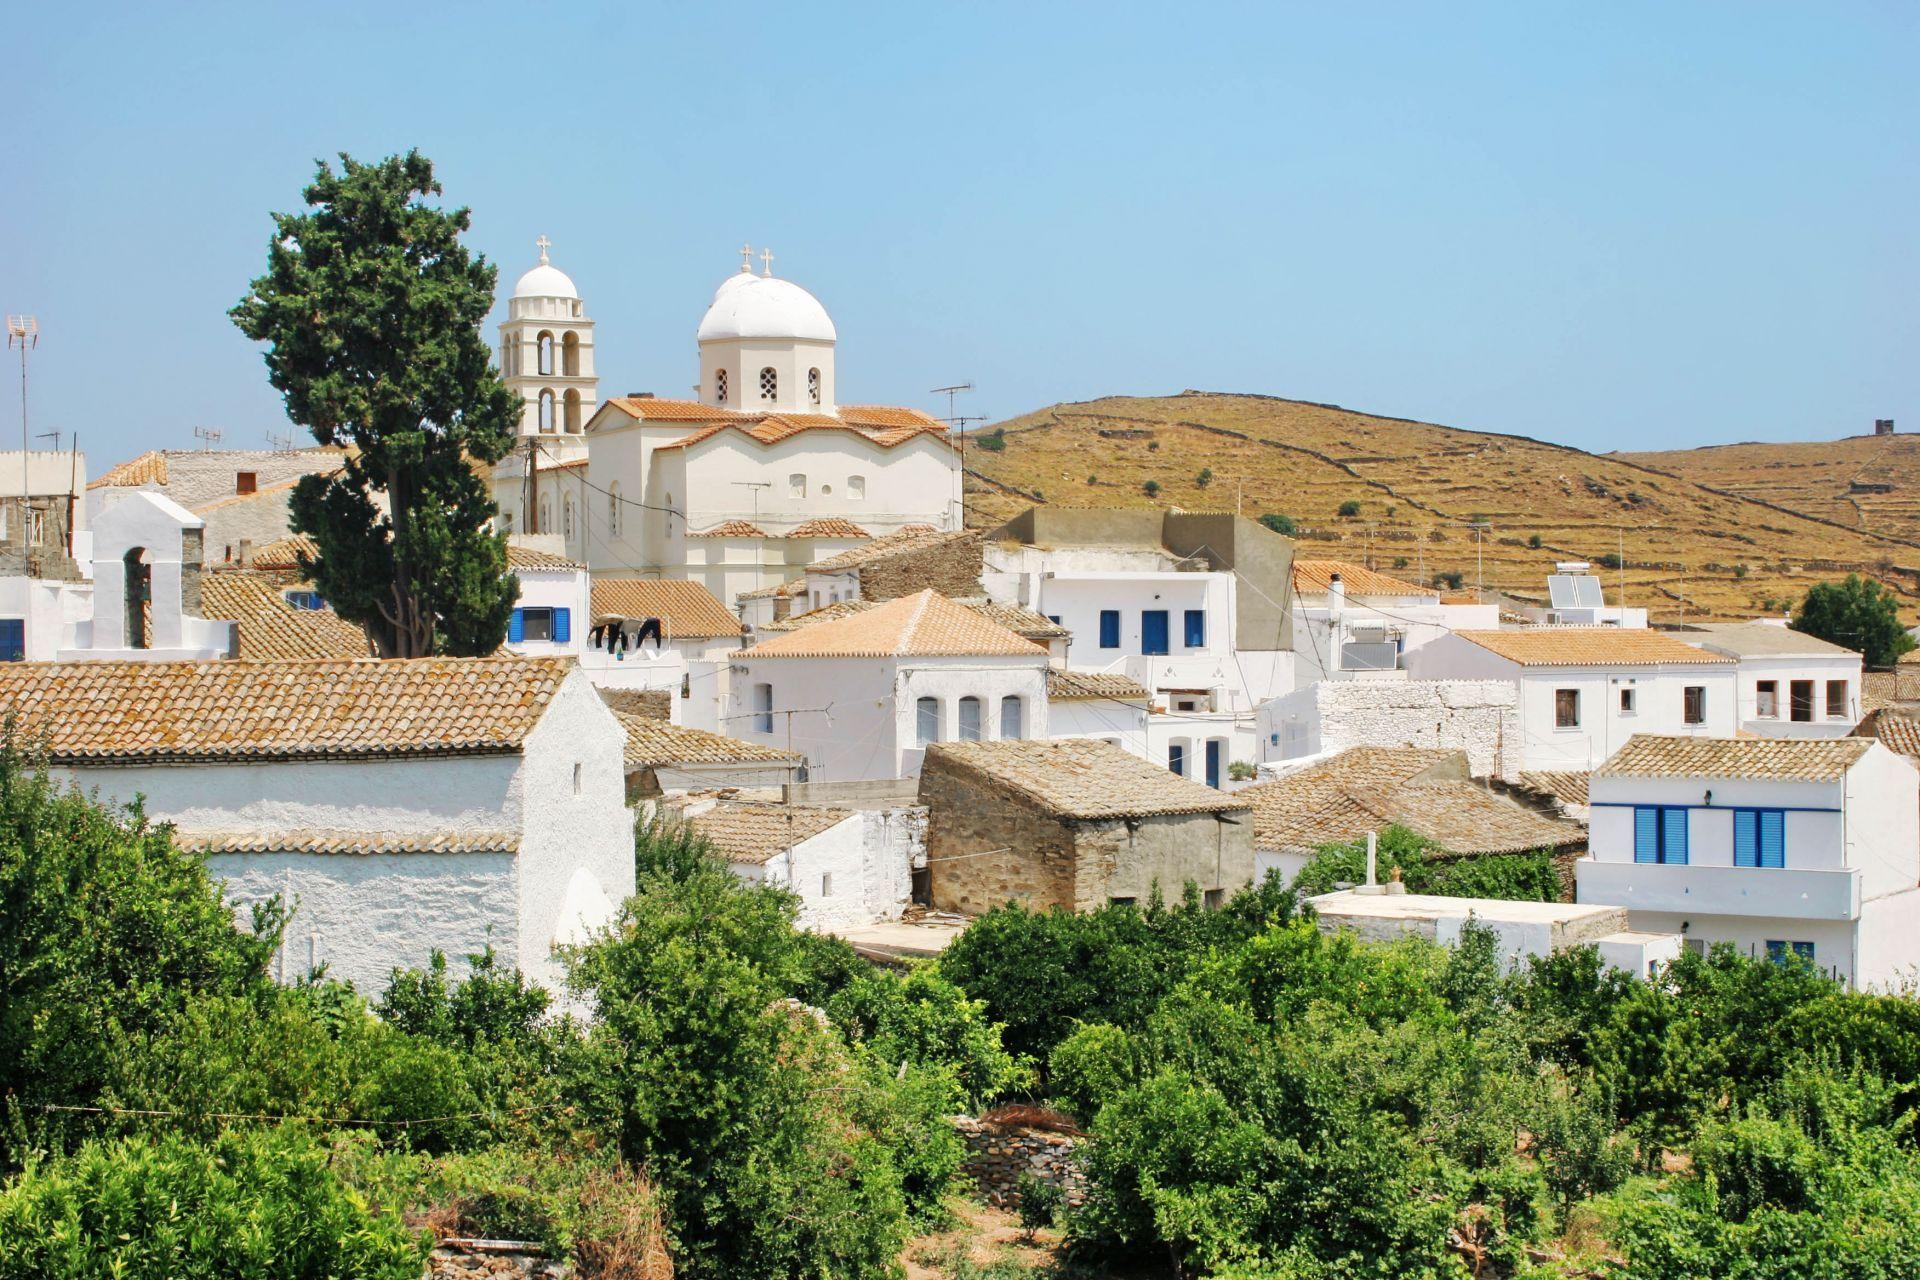 Kythnos island: Driopida